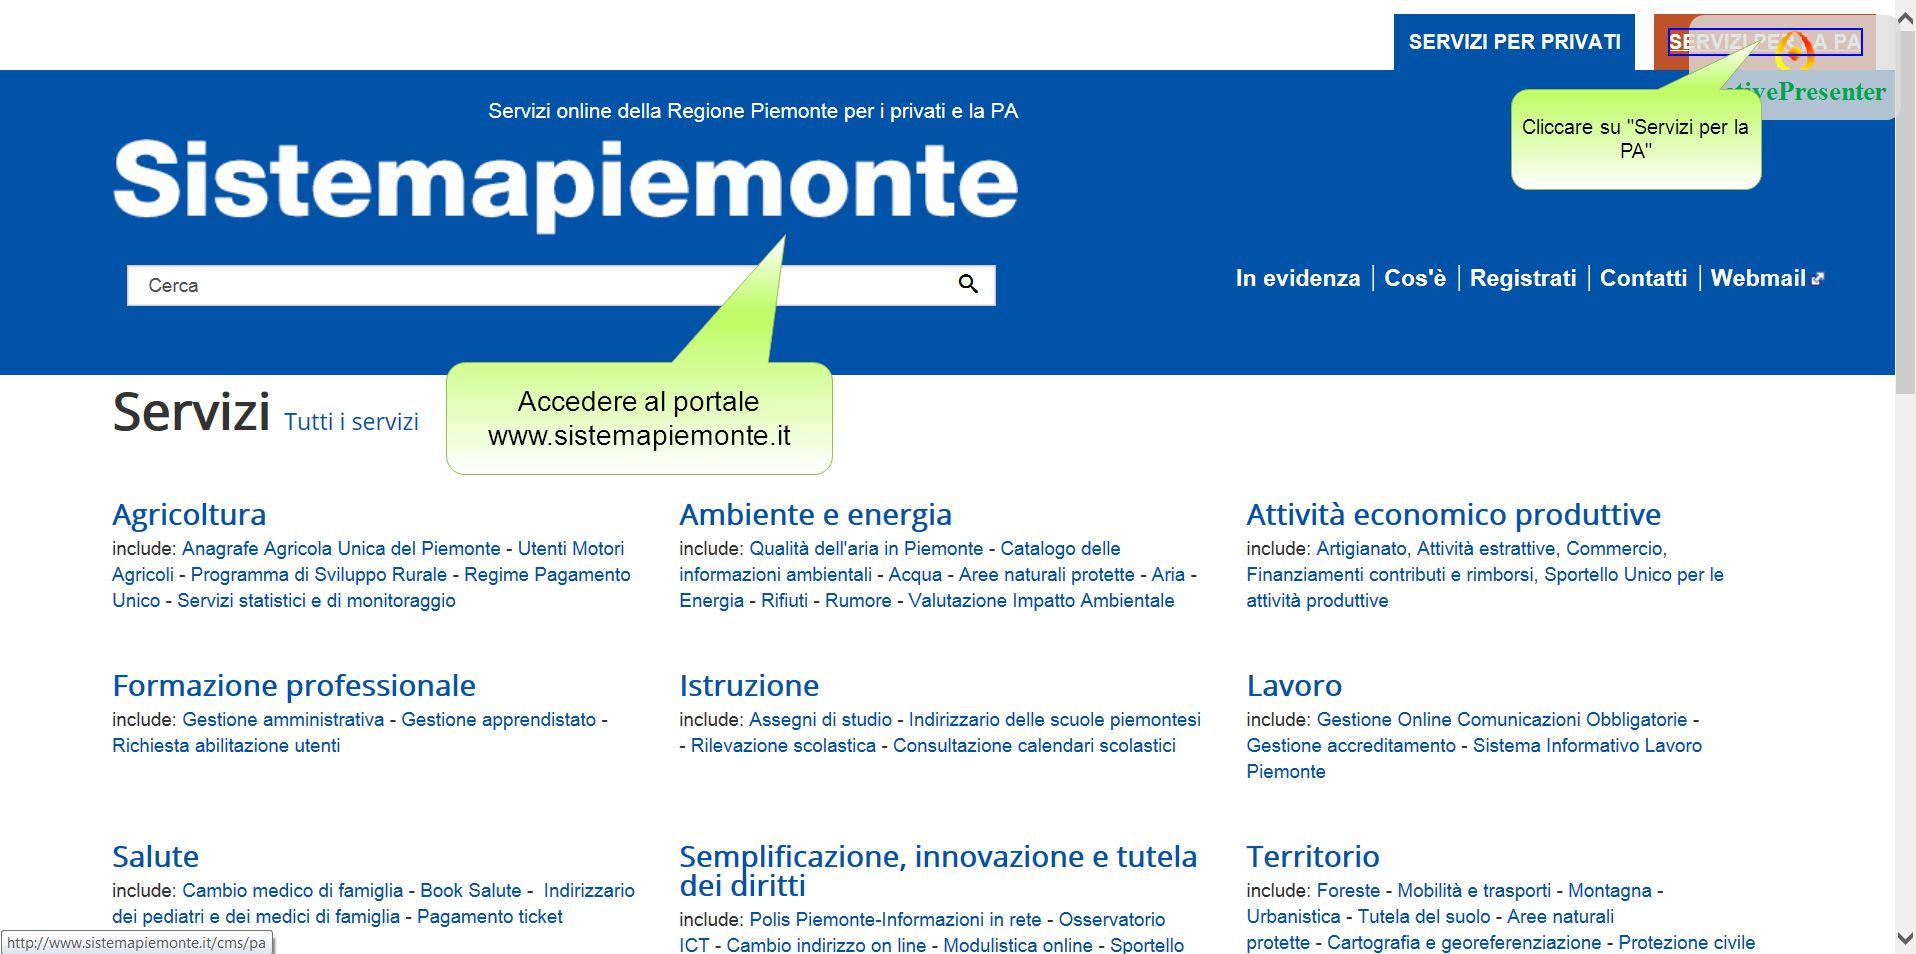 Cliccare su Servizi per la PA Accedere al portale www.sistemapiemonte.it